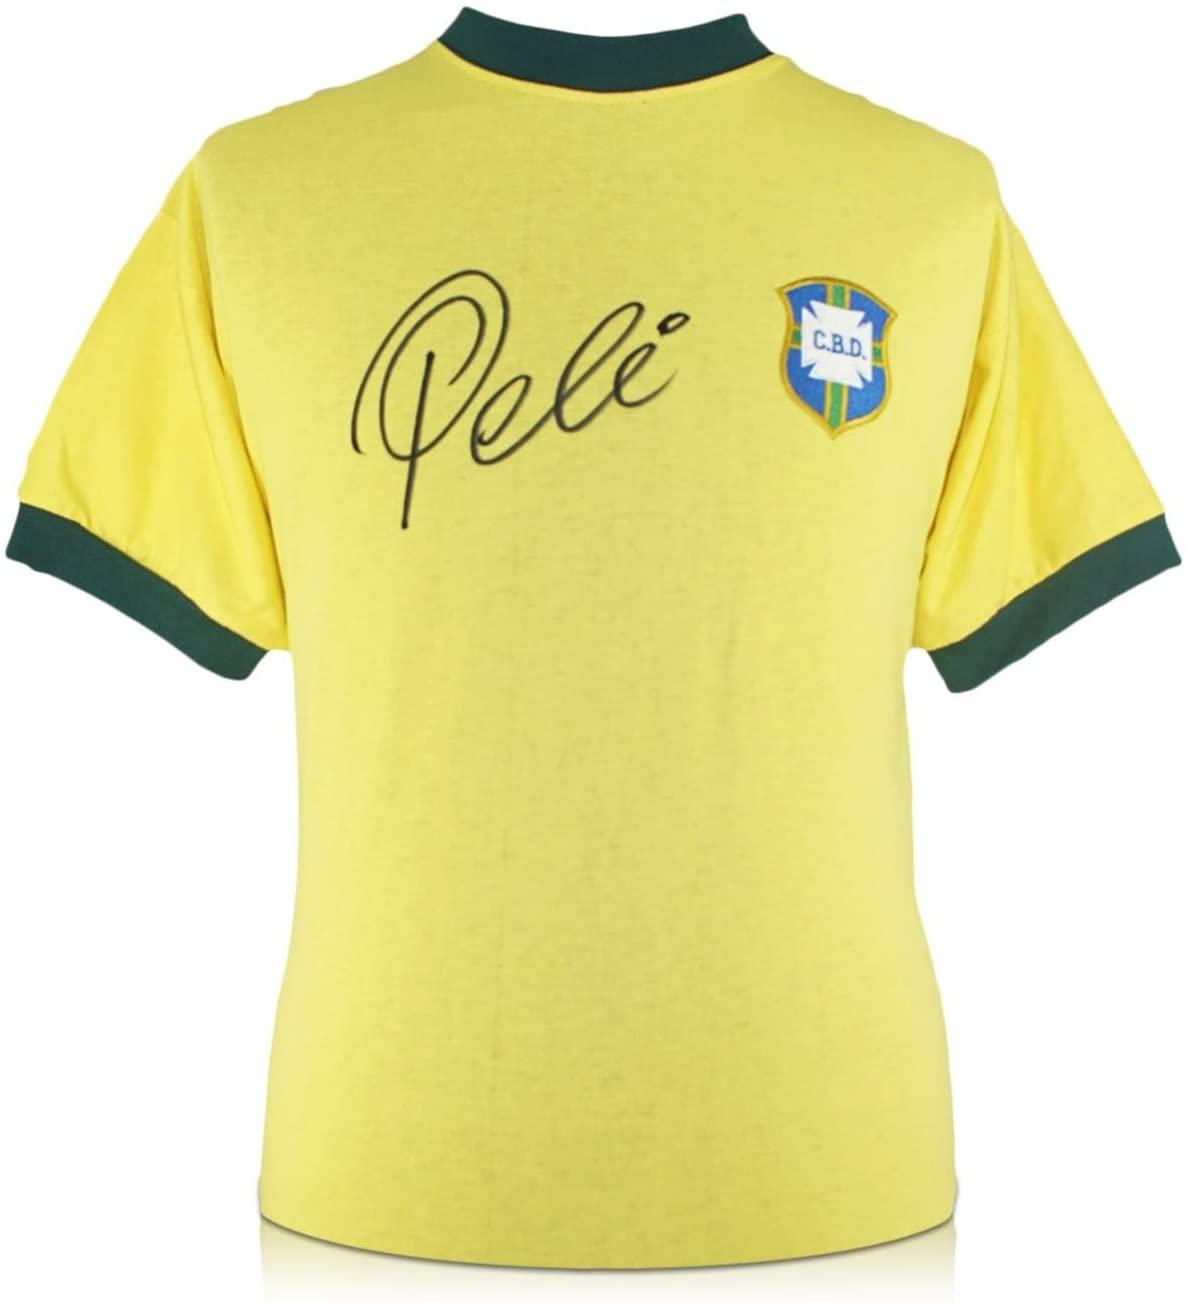 Pele Signed Brazil 1970 Soccer Jersey | Autographed Sport Memorabilia